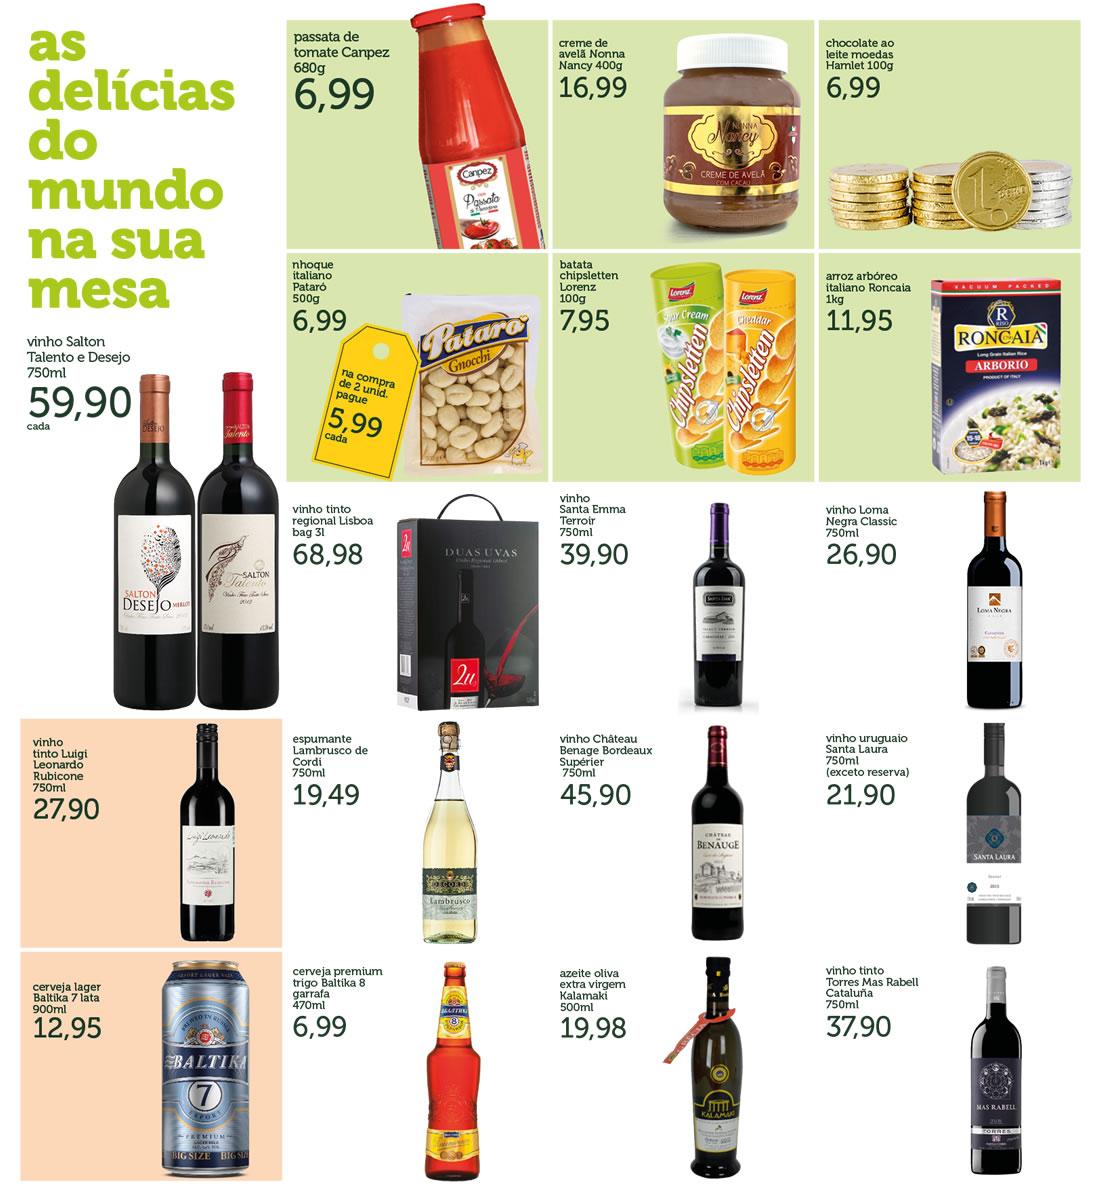 caita_supermercados_tabloide_agosto2018_bento09